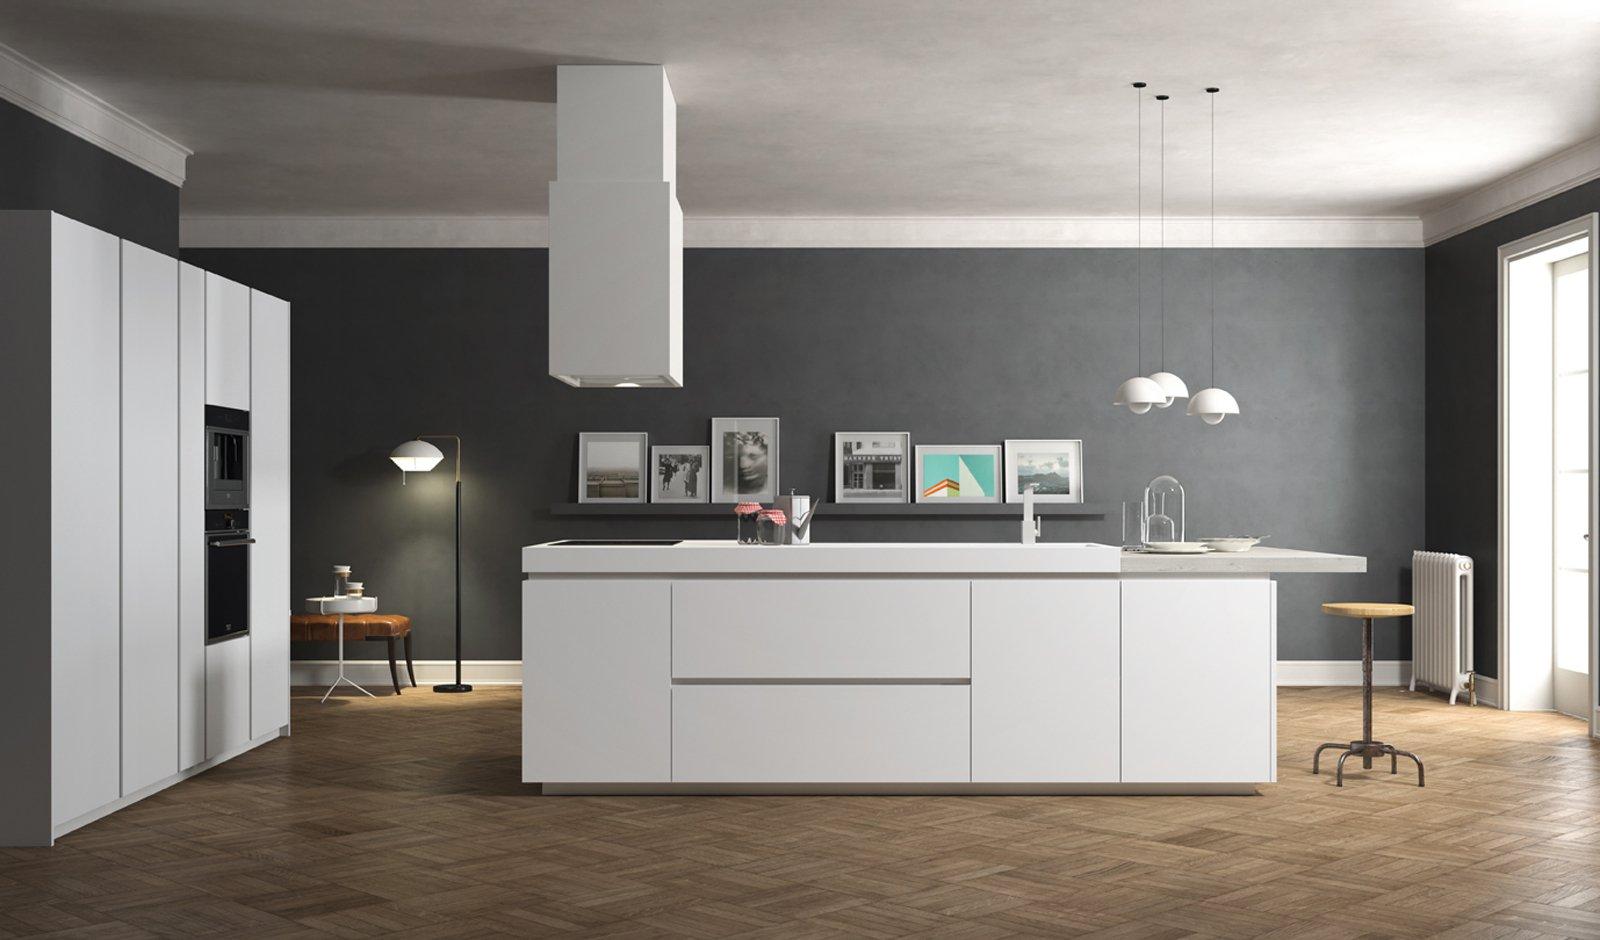 Cucine con isola cose di casa - Cucine color avorio ...